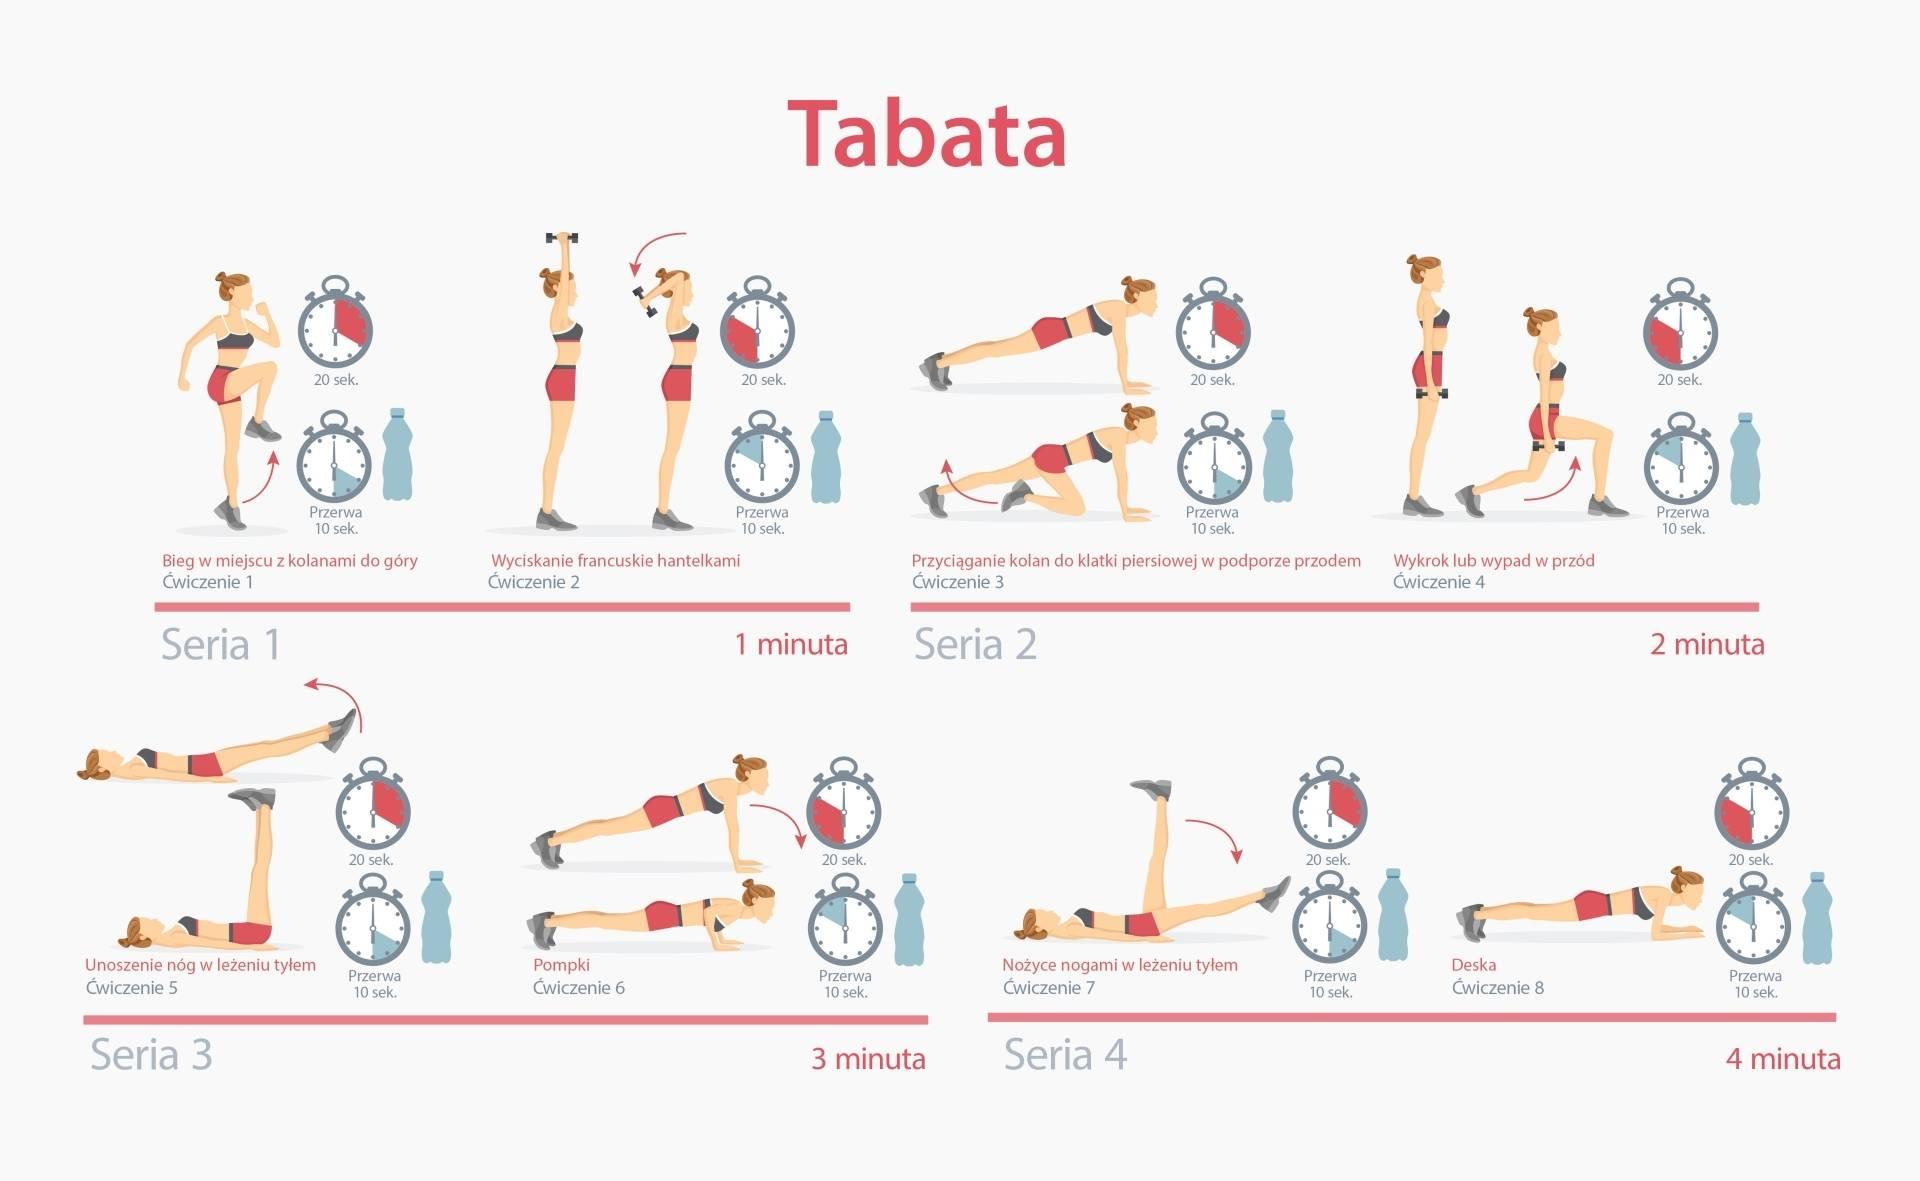 Tabata - przykładowy zestaw ćwiczeń w domu - infografika.